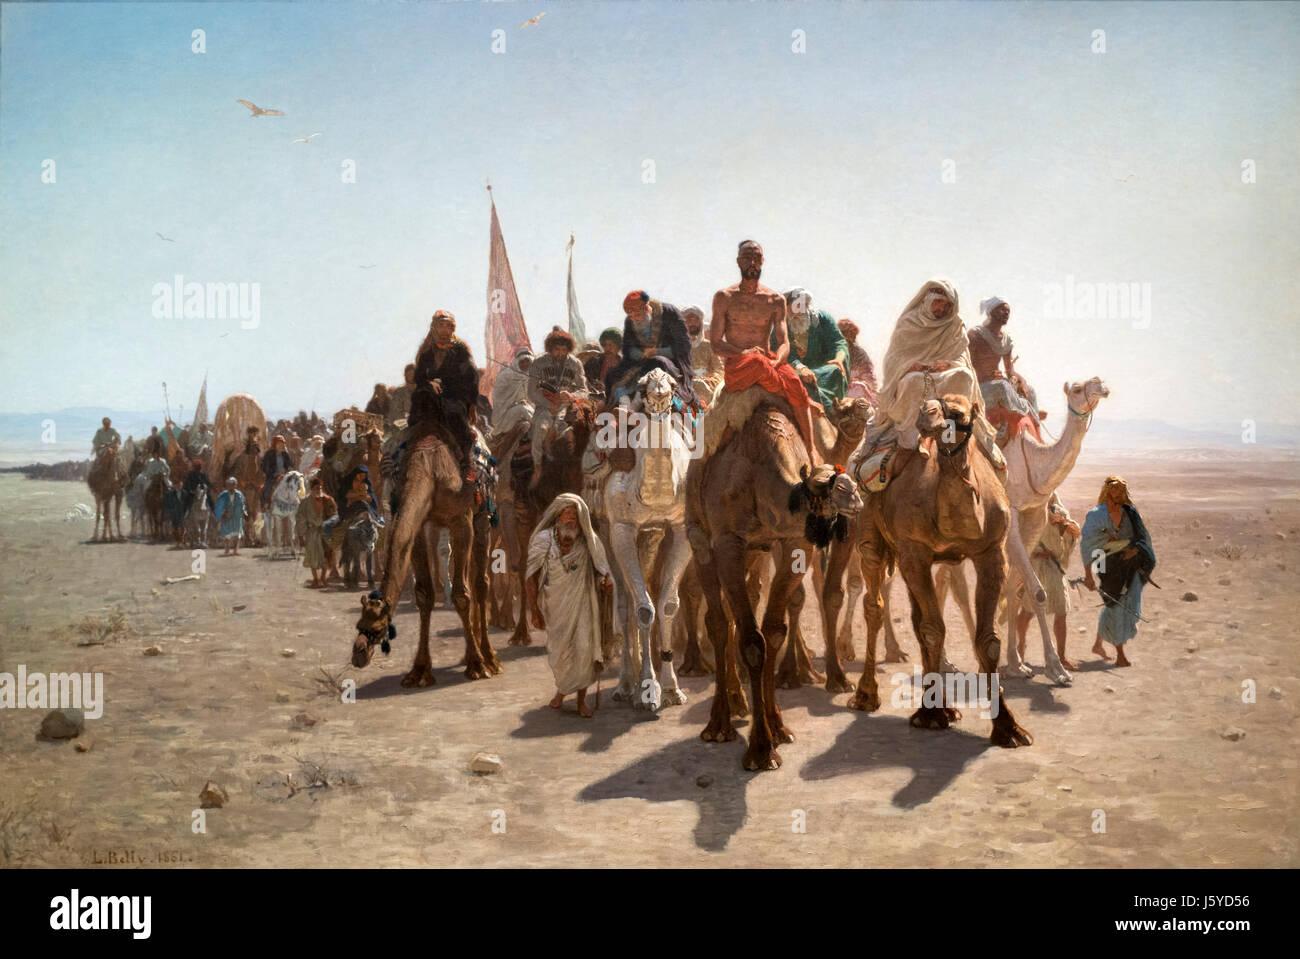 Pélerins allant à la Mecque (Pilgrims going to Mecca) by Leon Belly (1827-1877), oil on canvas, 1861 - Stock Image